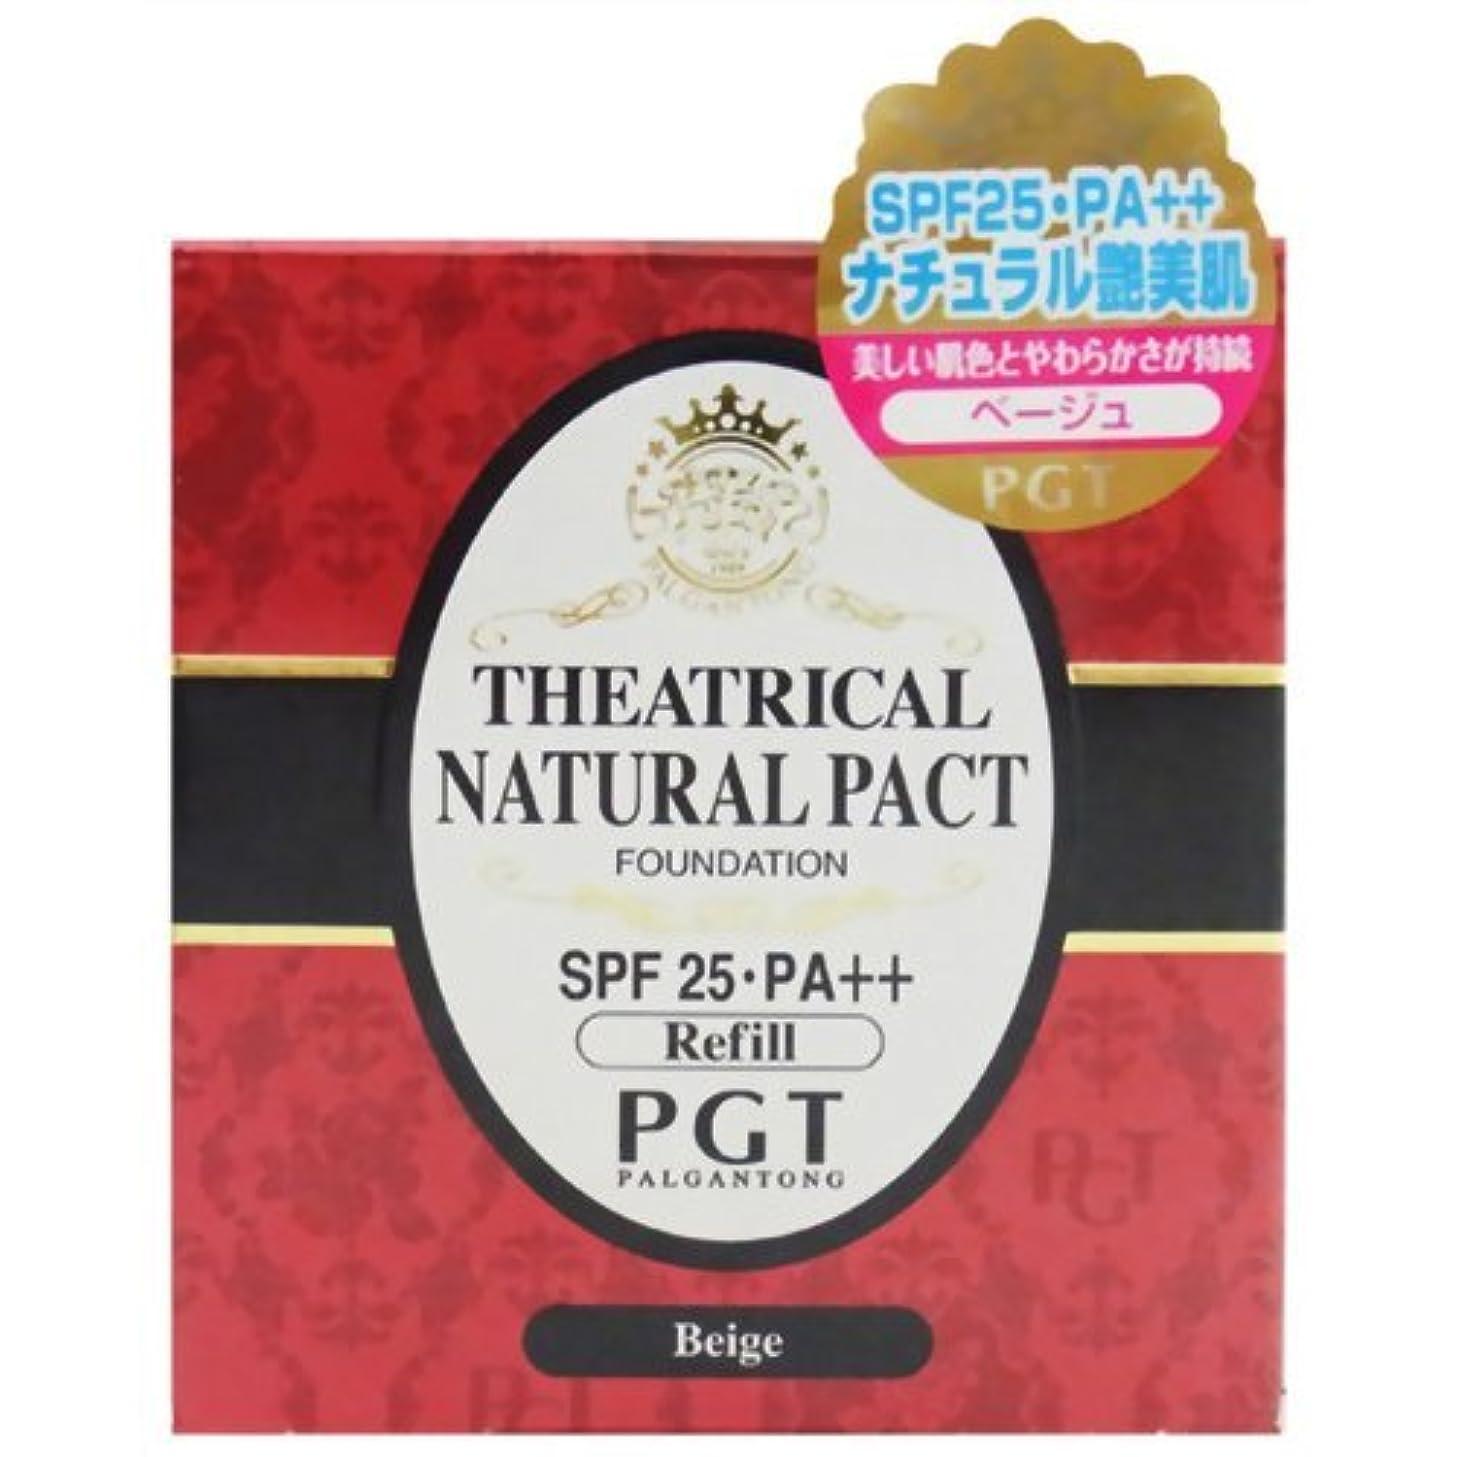 模倣数完全に乾くパルガントン シアトリカルナチュラルパクト ベージュ SPF25?PA++ パフ付 10g